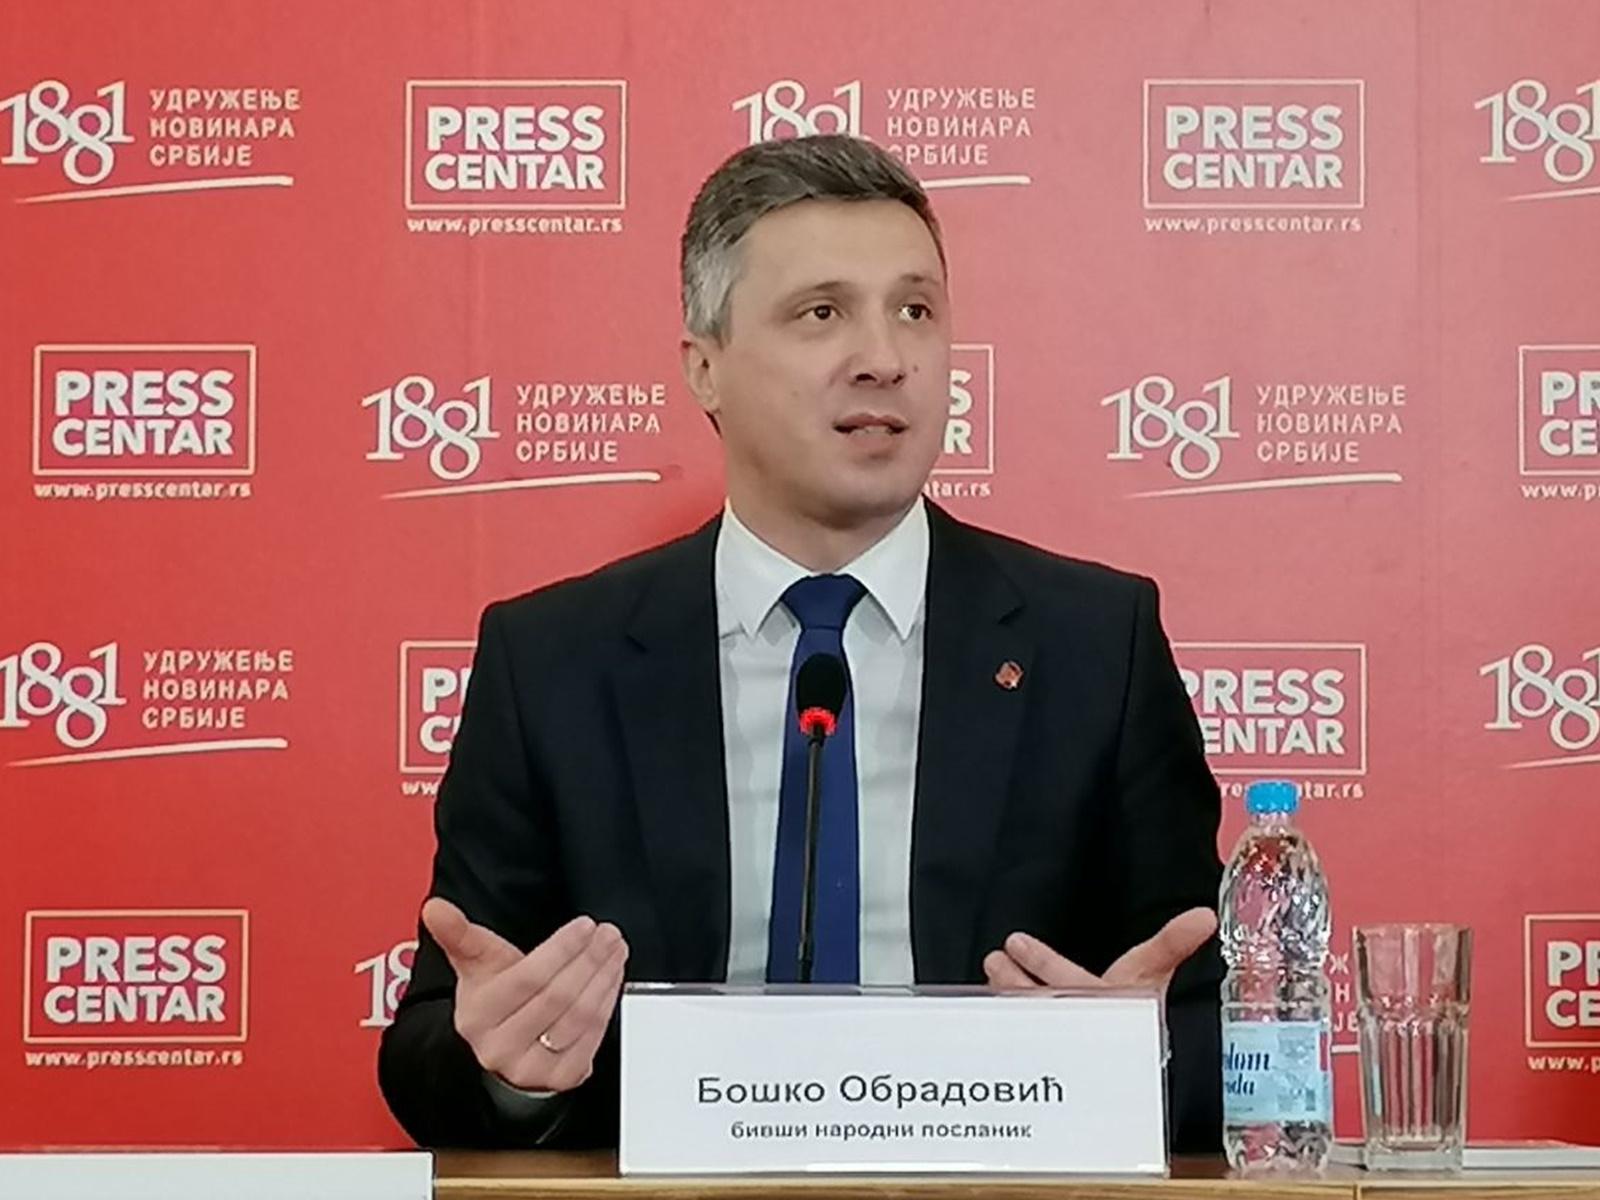 Опозиција хитномора да покаже одговорност –Одговор Бошка Обрадовића на једино новинарско питање на јучерашњој конференцији за медије